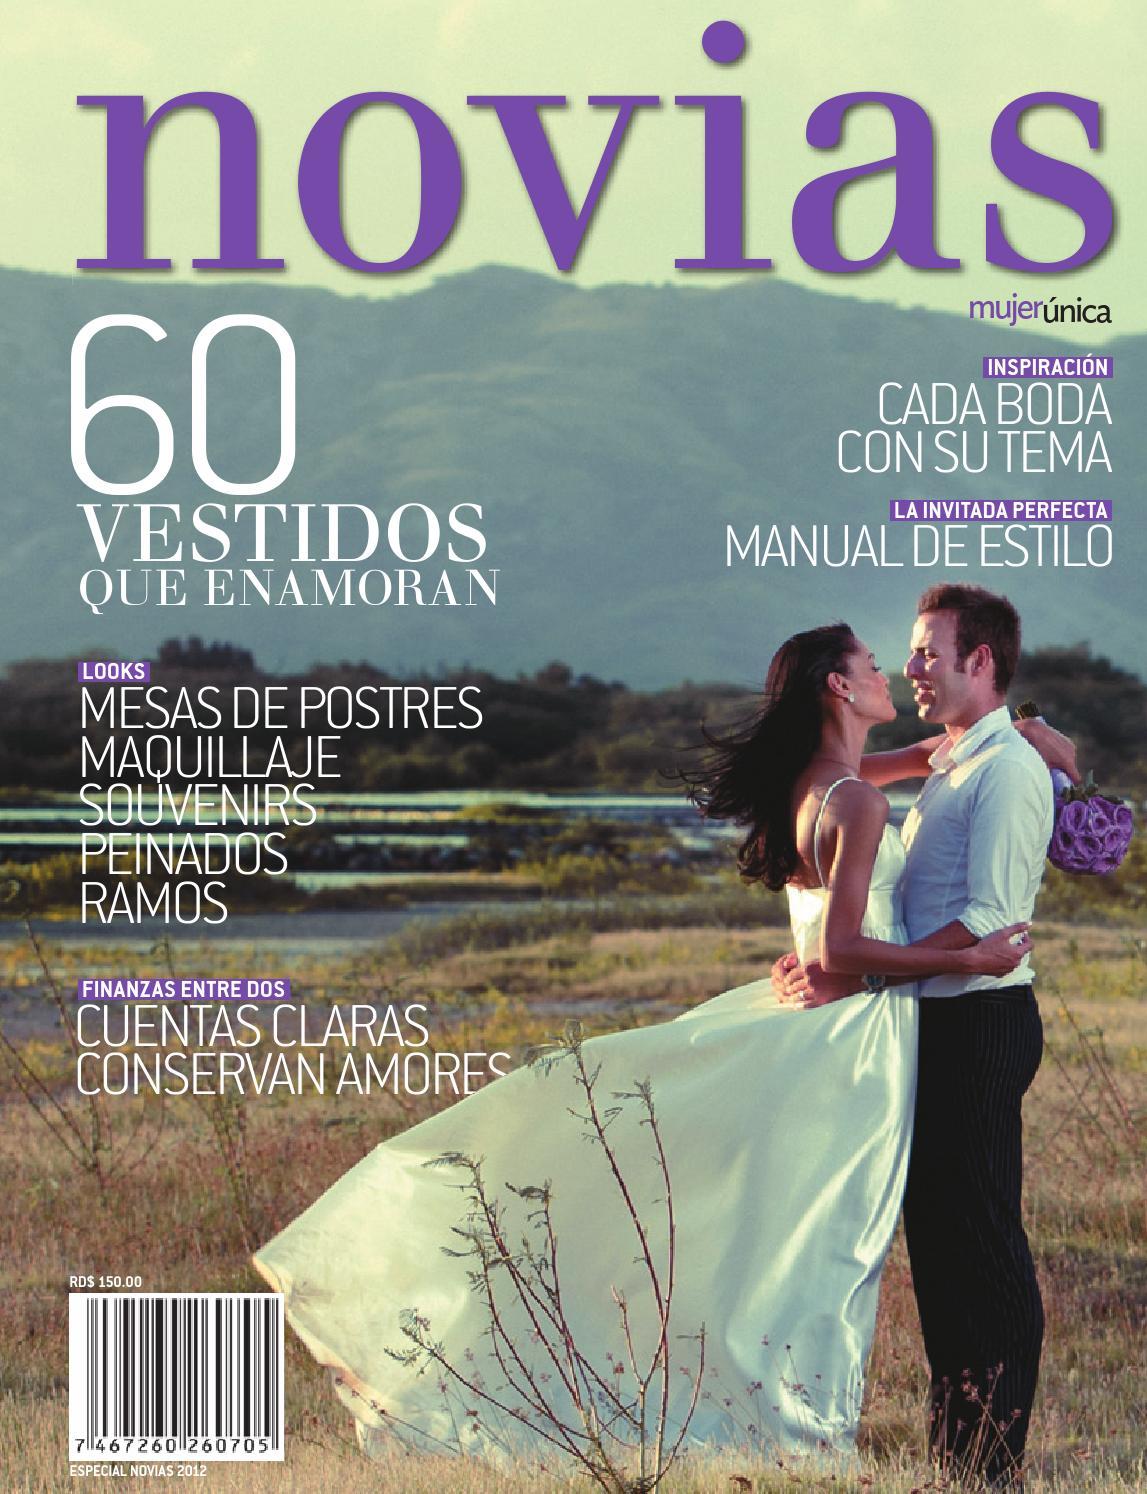 Especial Novias by Grupo Diario Libre, S. A. - issuu